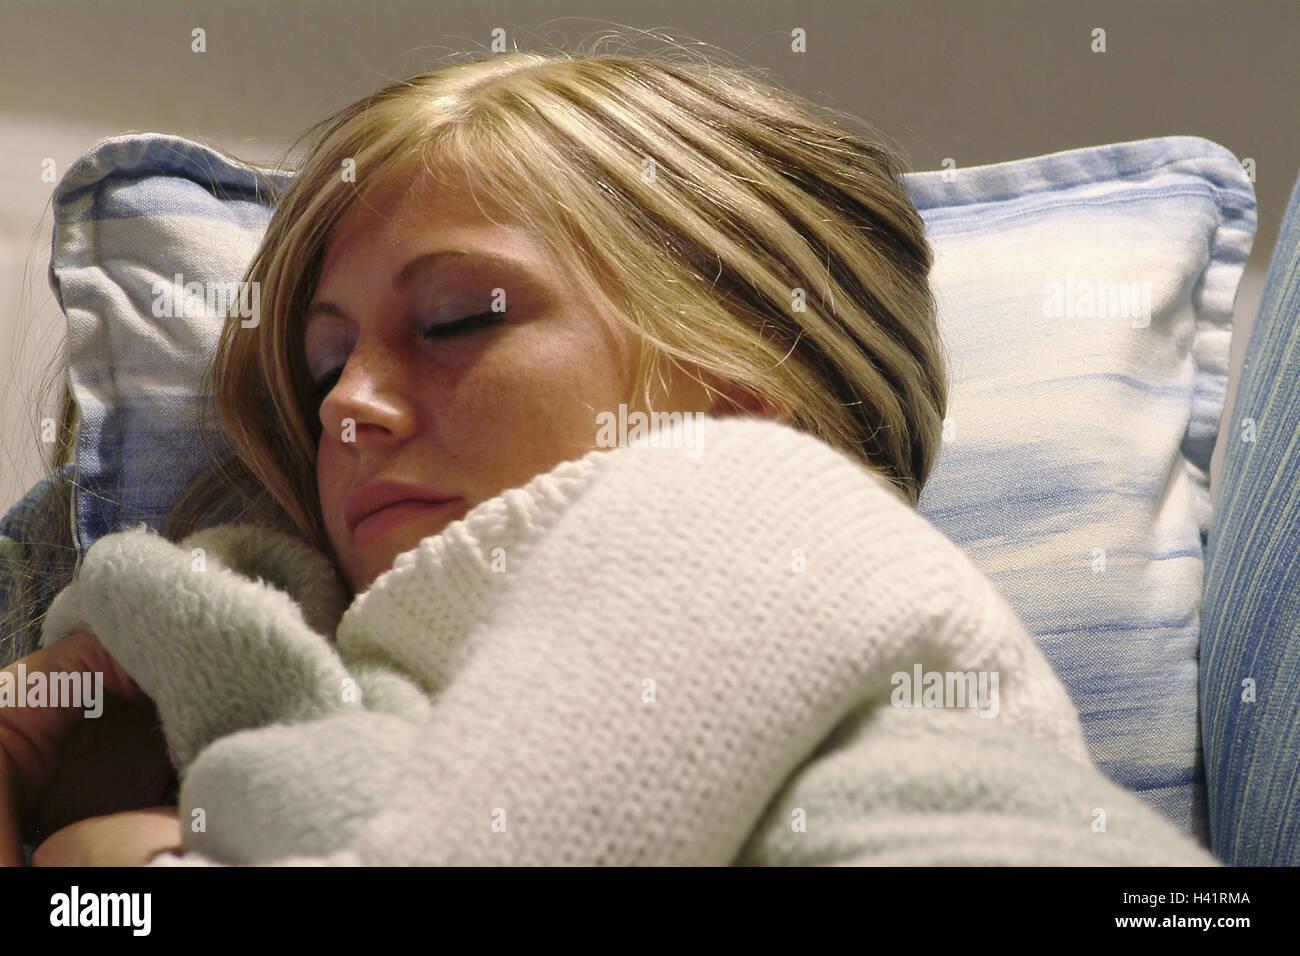 Mujer joven y rubia, dormir, retrato, vista lateral, 21 años, pacíficamente, tiredly, fatiga, sueño, descanso, descanso, Foto de stock